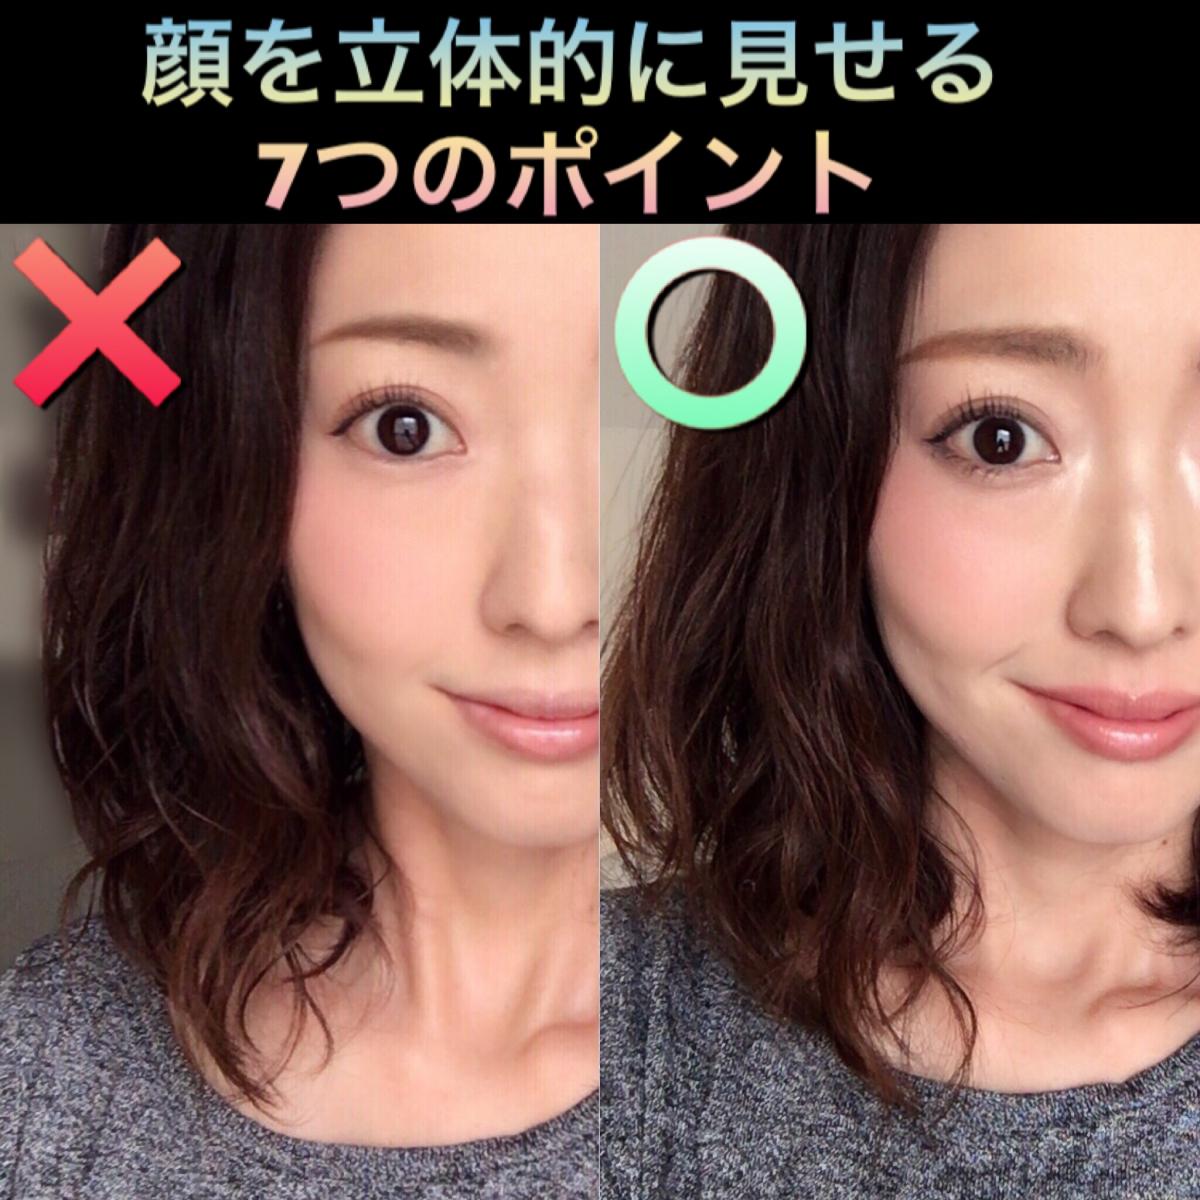 イイネ1500超の大反響❤︎平たい顔を立体的に見せる7つのポイント